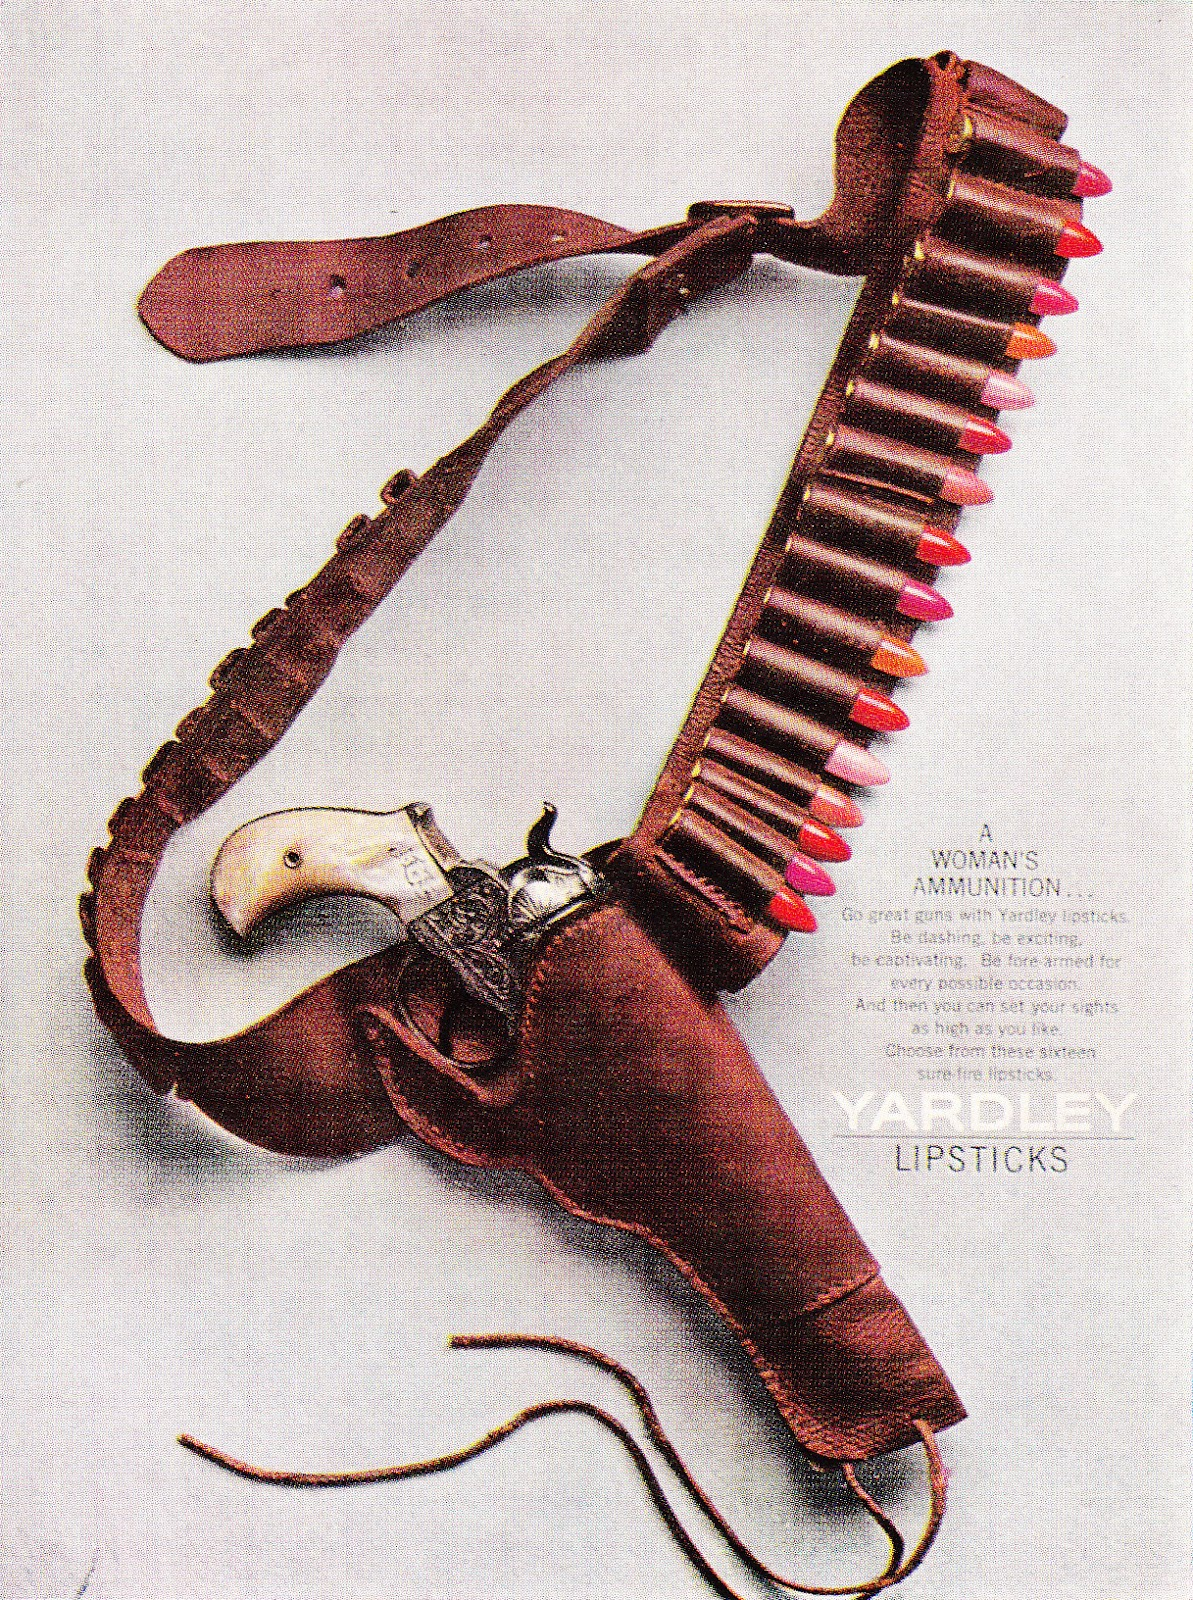 Yardley Lipstic ad 1964